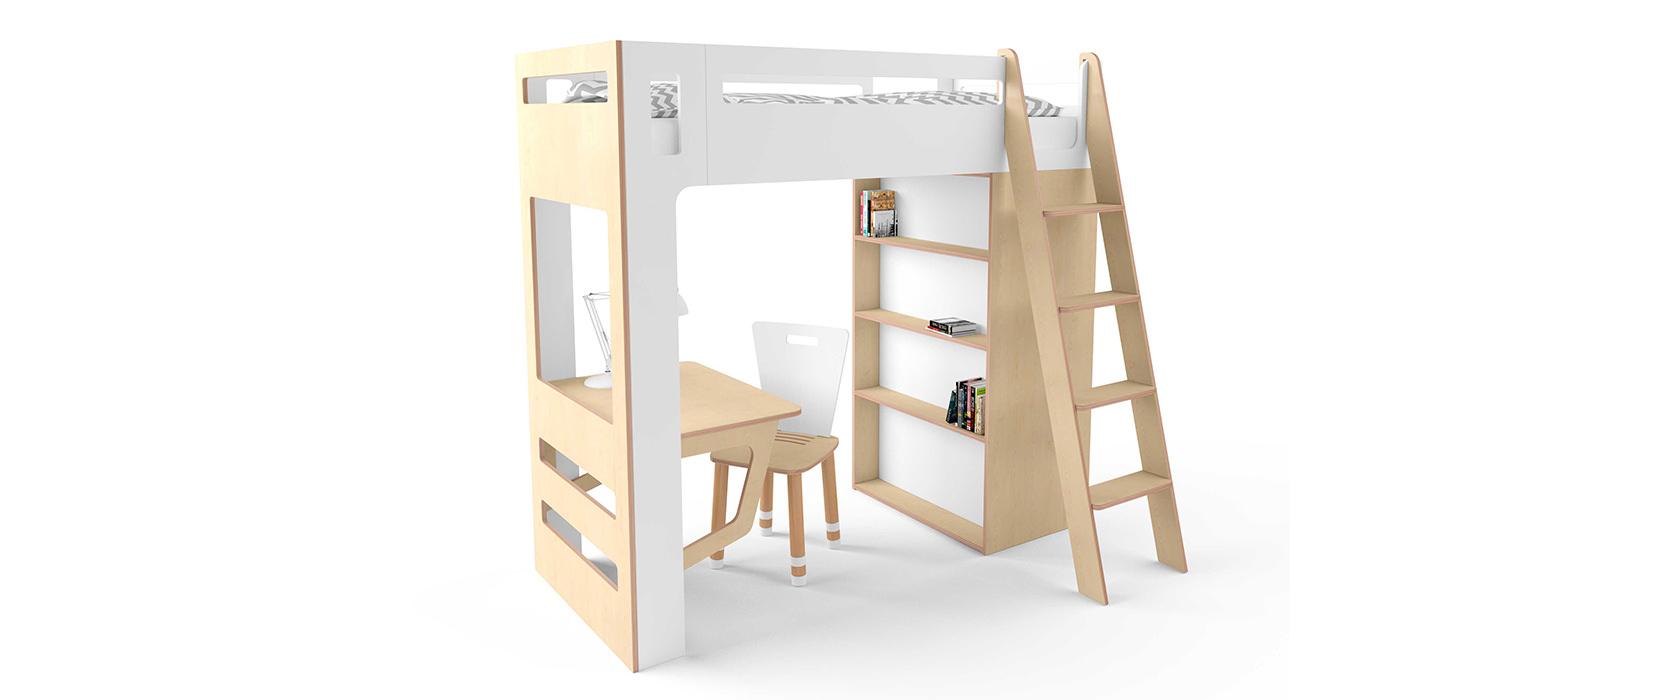 Двухъярусная кровать детская Smart Cube